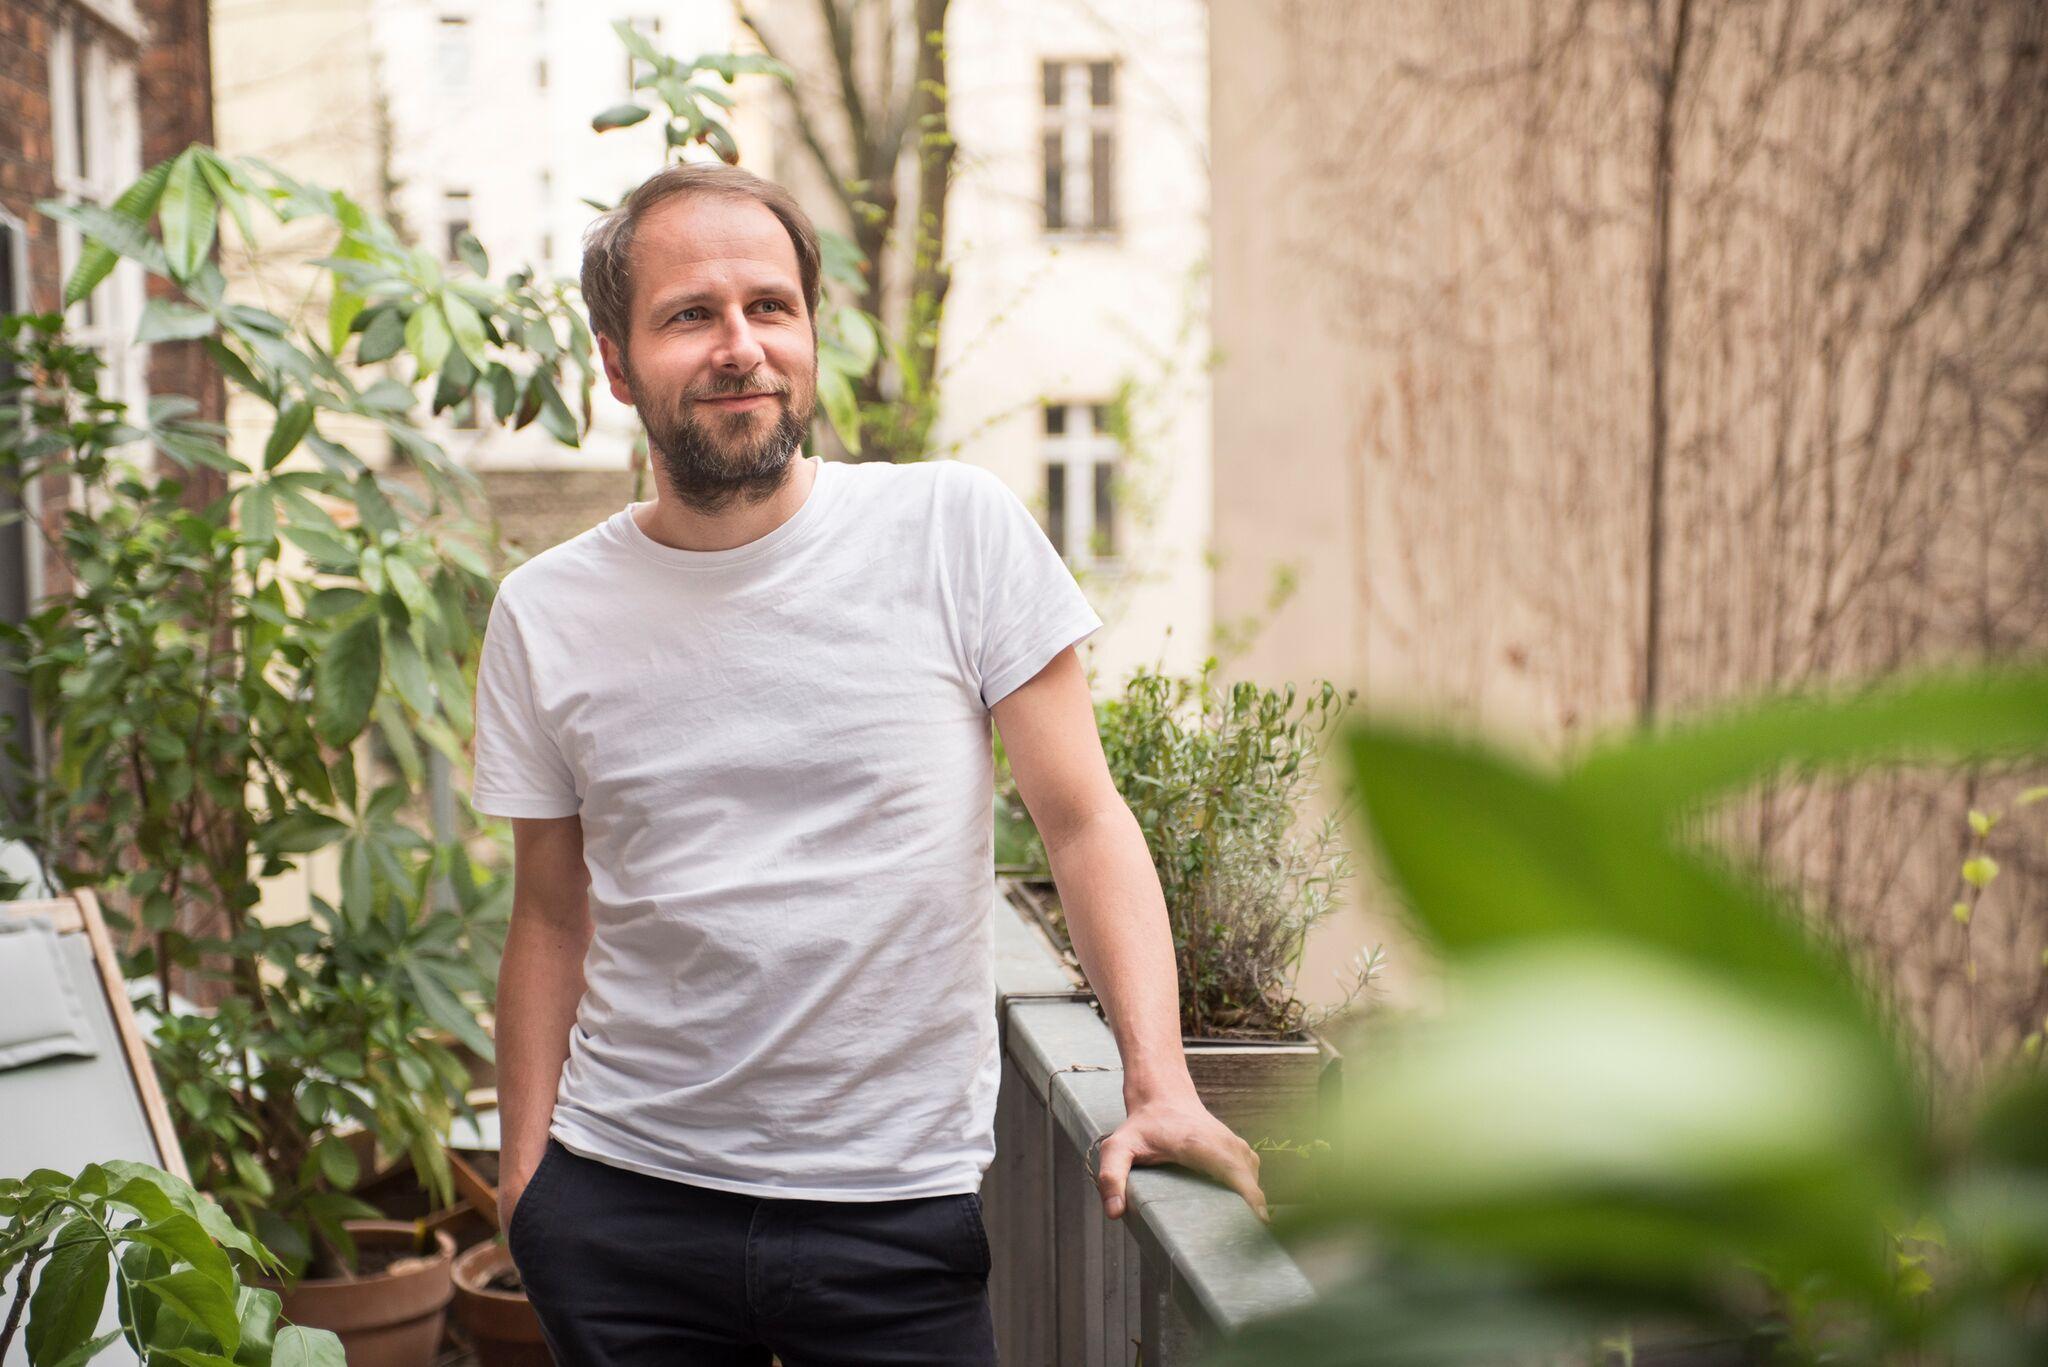 Warum möchtest du kein Millionär sein? – Christian Kroll von Ecosia im Hotel Matze